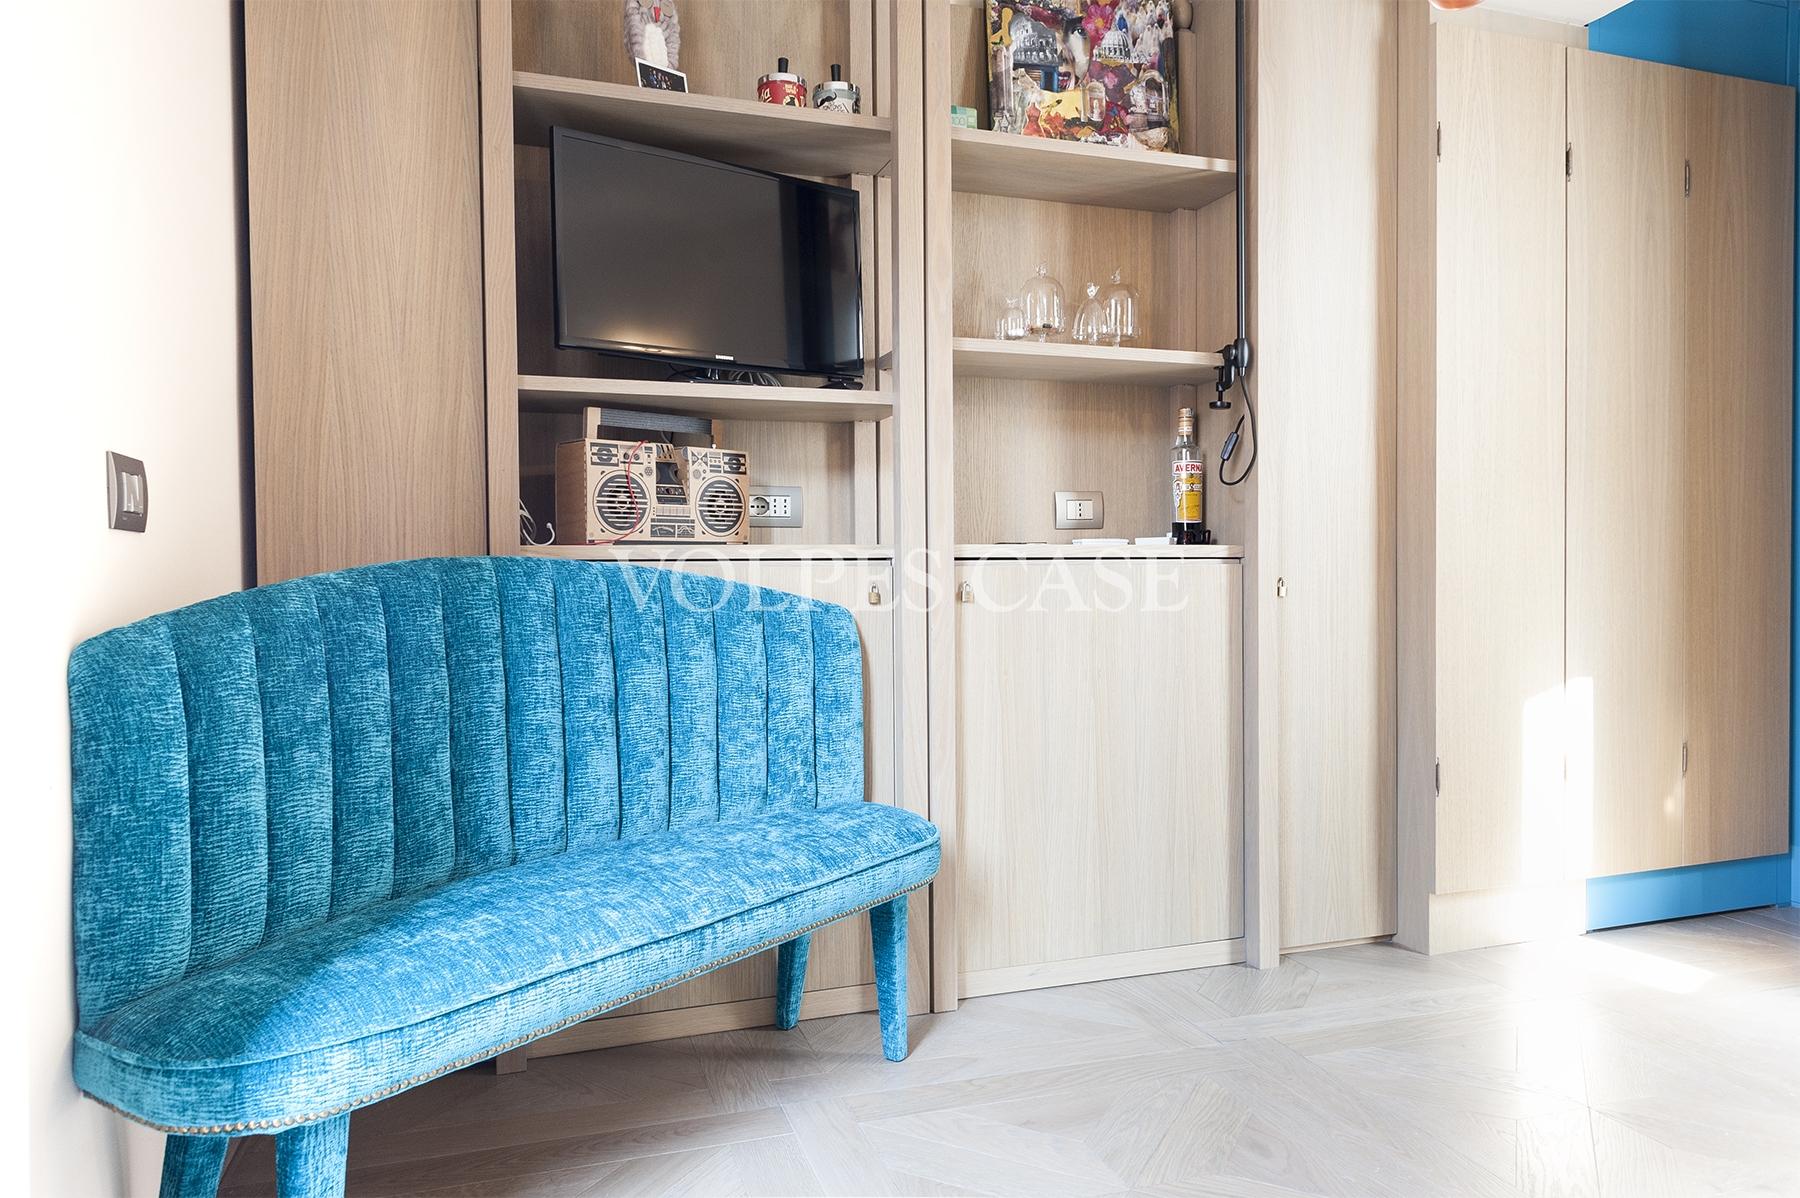 Appartamento in affitto a roma cod v45 3430 for Appartamento affitto arredato roma